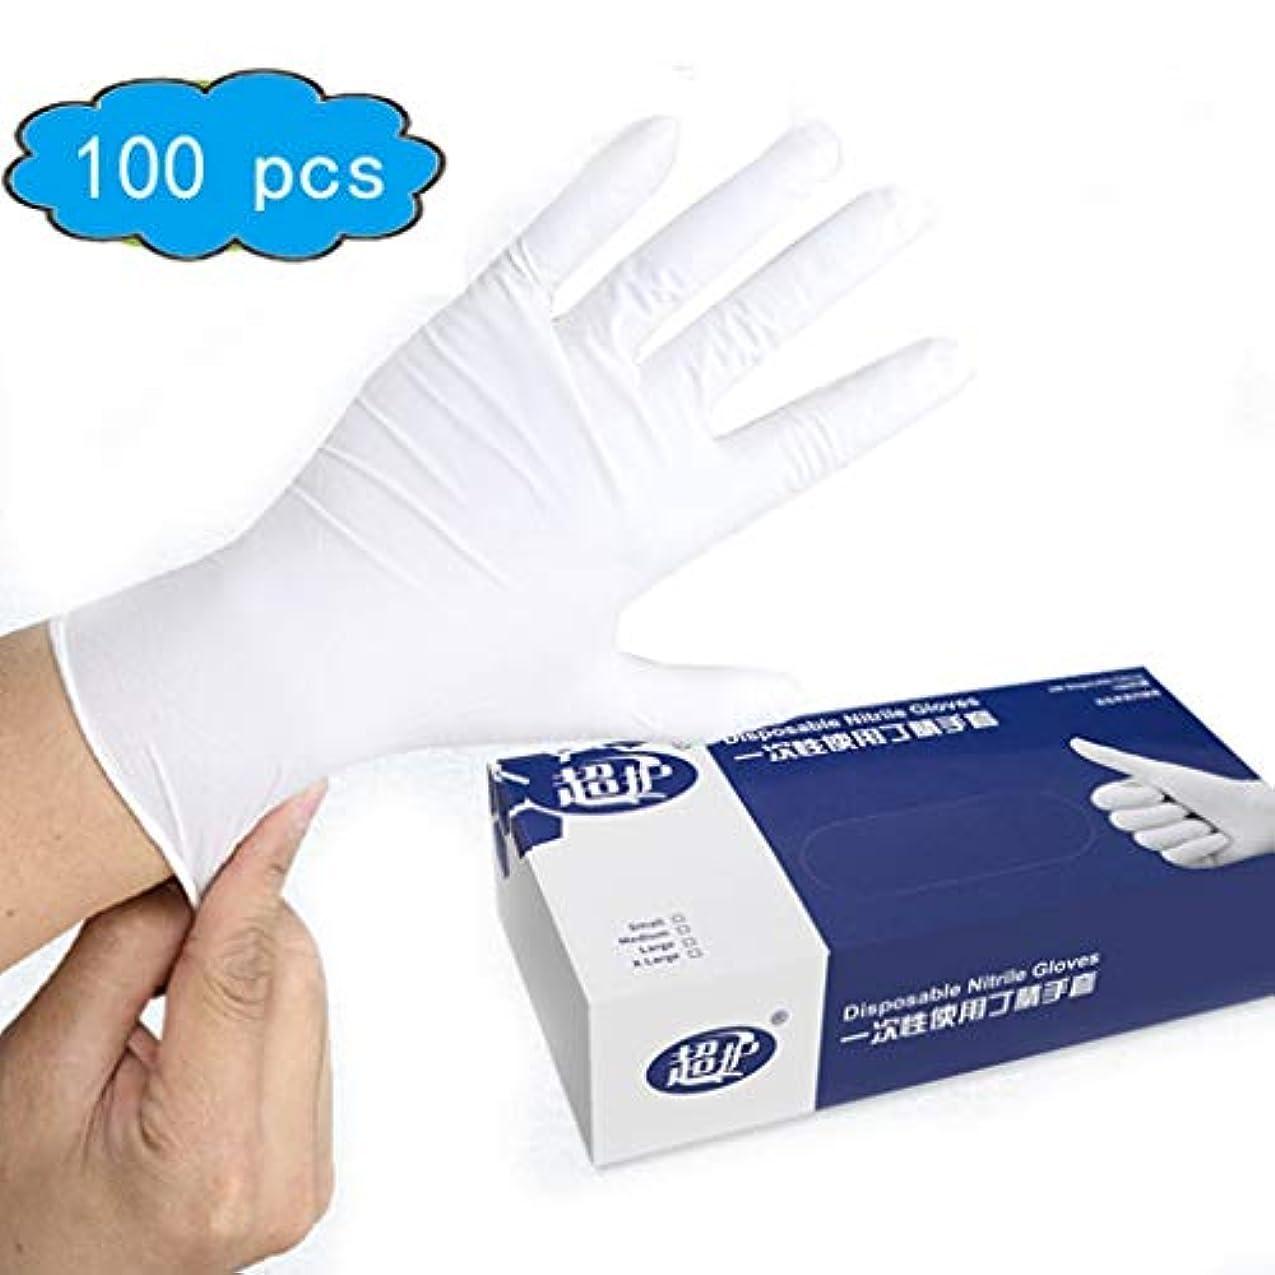 肉の接地概要使い捨てニトリル手袋-医療グレード、パウダーフリー、ラテックスゴムフリー、使い捨て、非滅菌、食品安全、白色、2.5ミル、100個入りパック、使い捨て手袋食品、ツール&ホーム改善 (Color : White, Size...